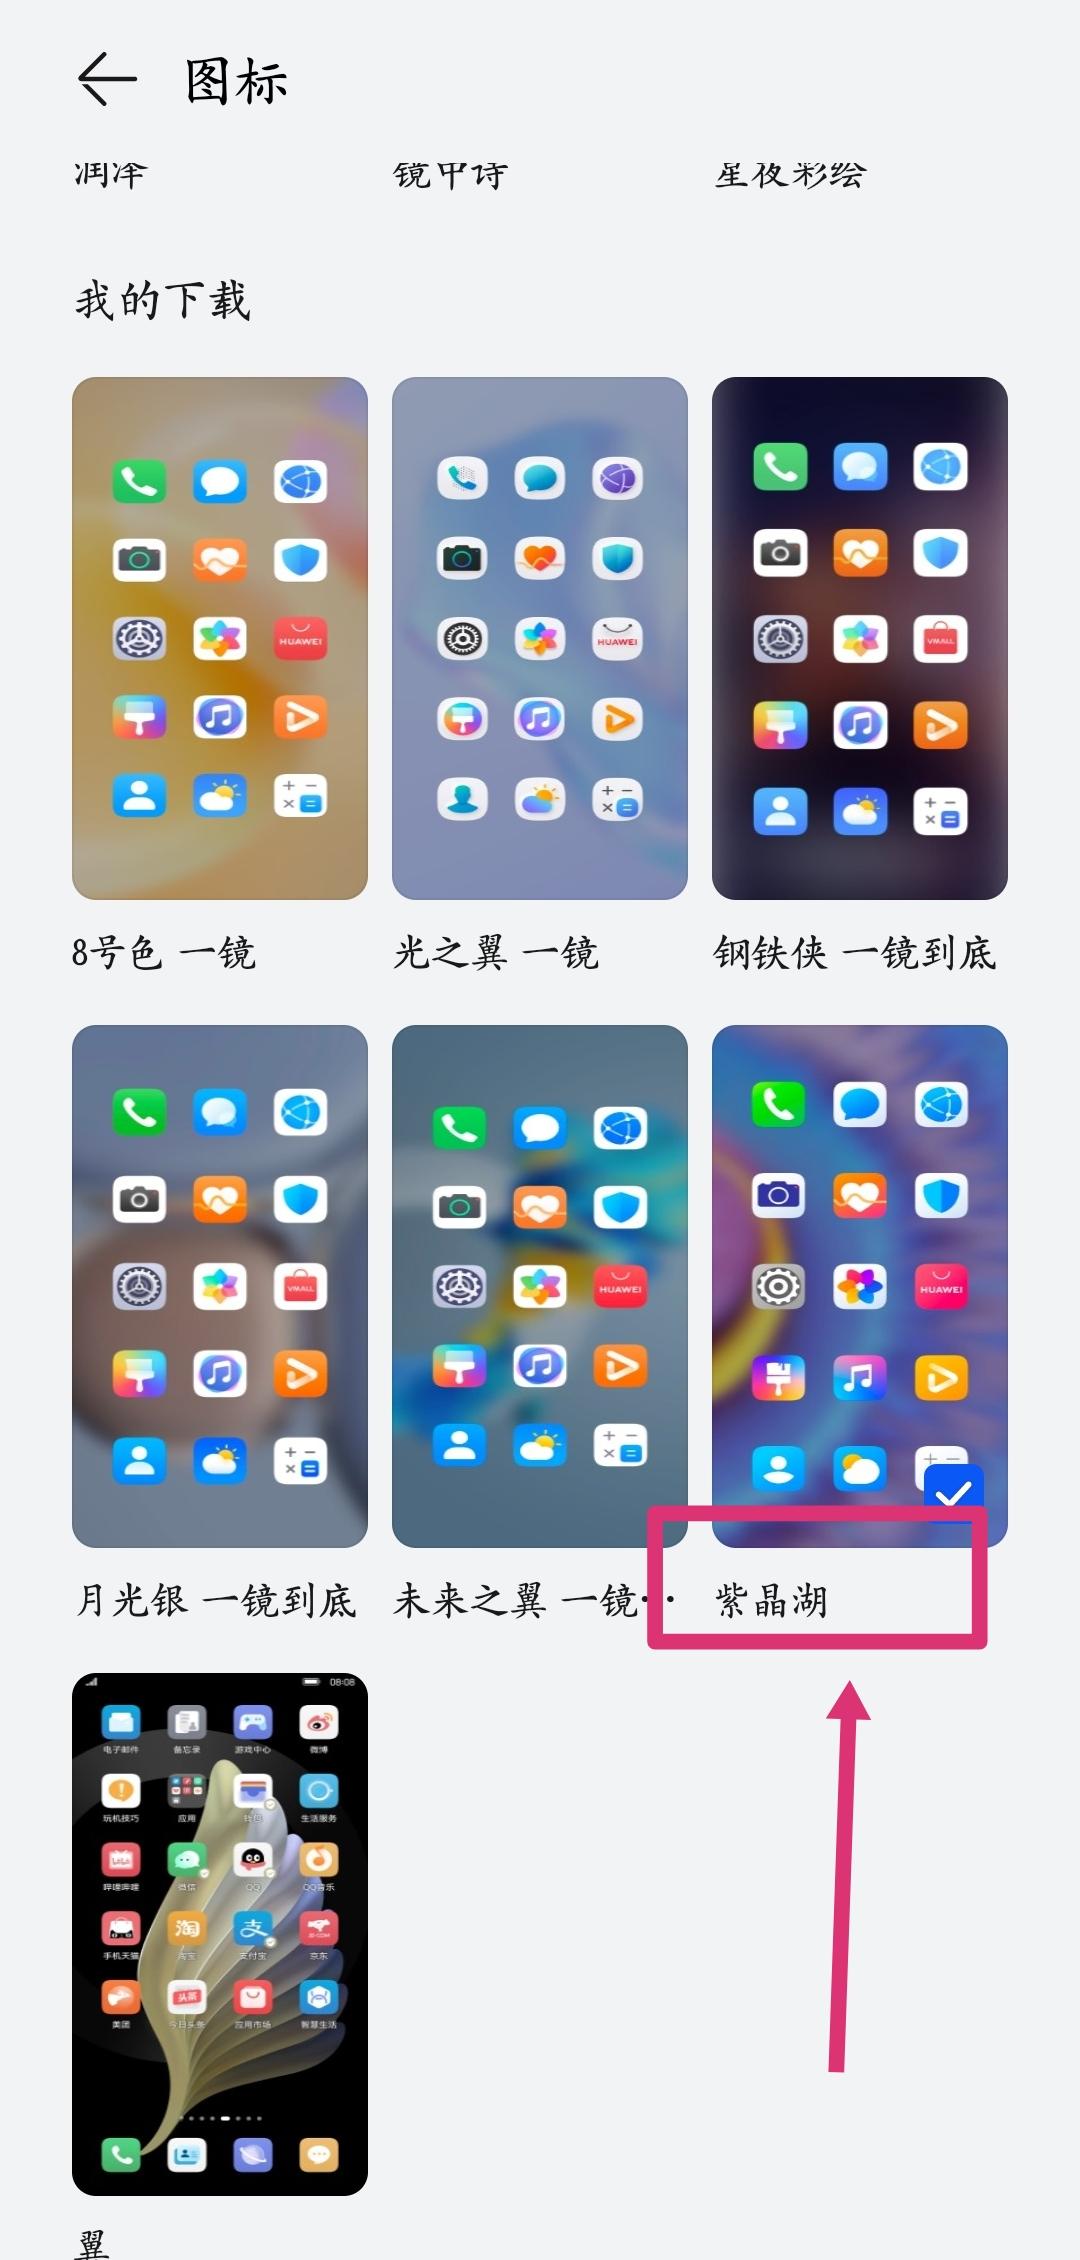 Screenshot_20210815_113100.jpg